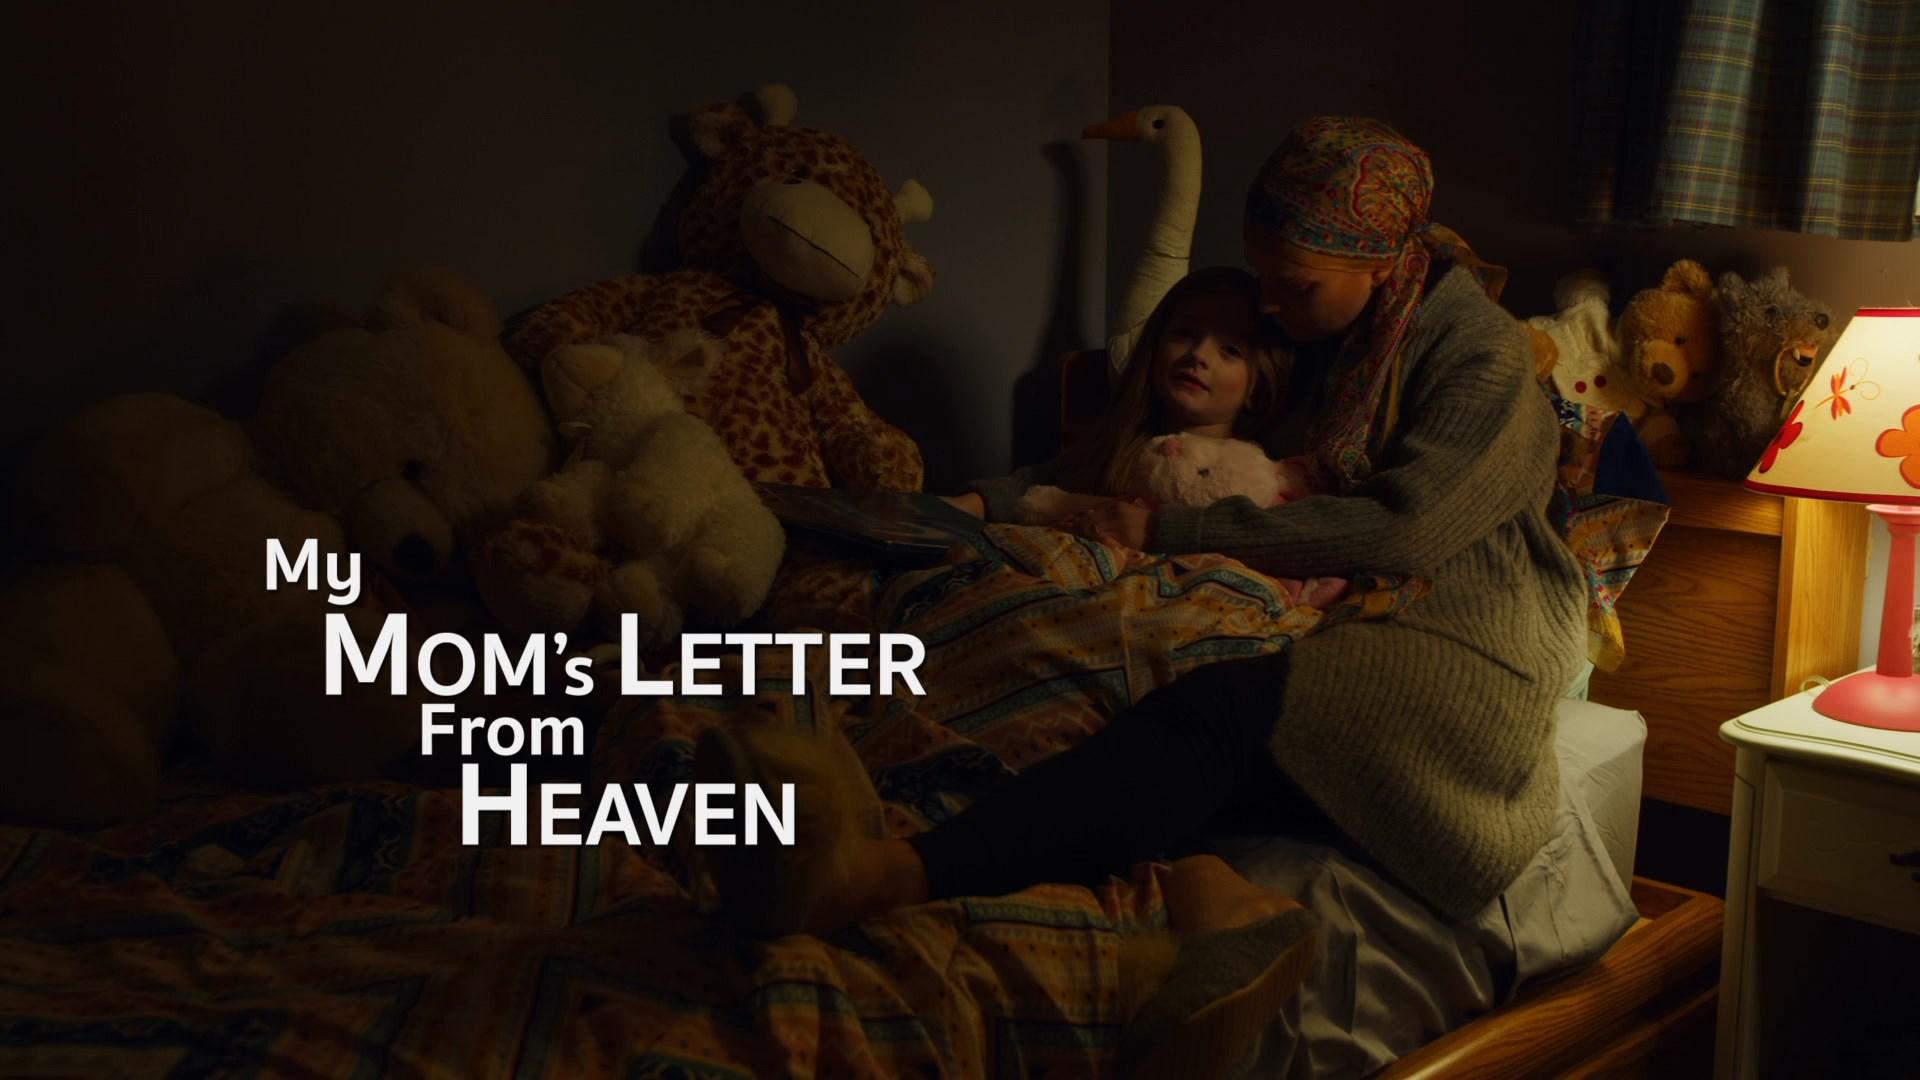 Carta desde el Cielo (2019) 1080p WEB-DL AMZN Latino